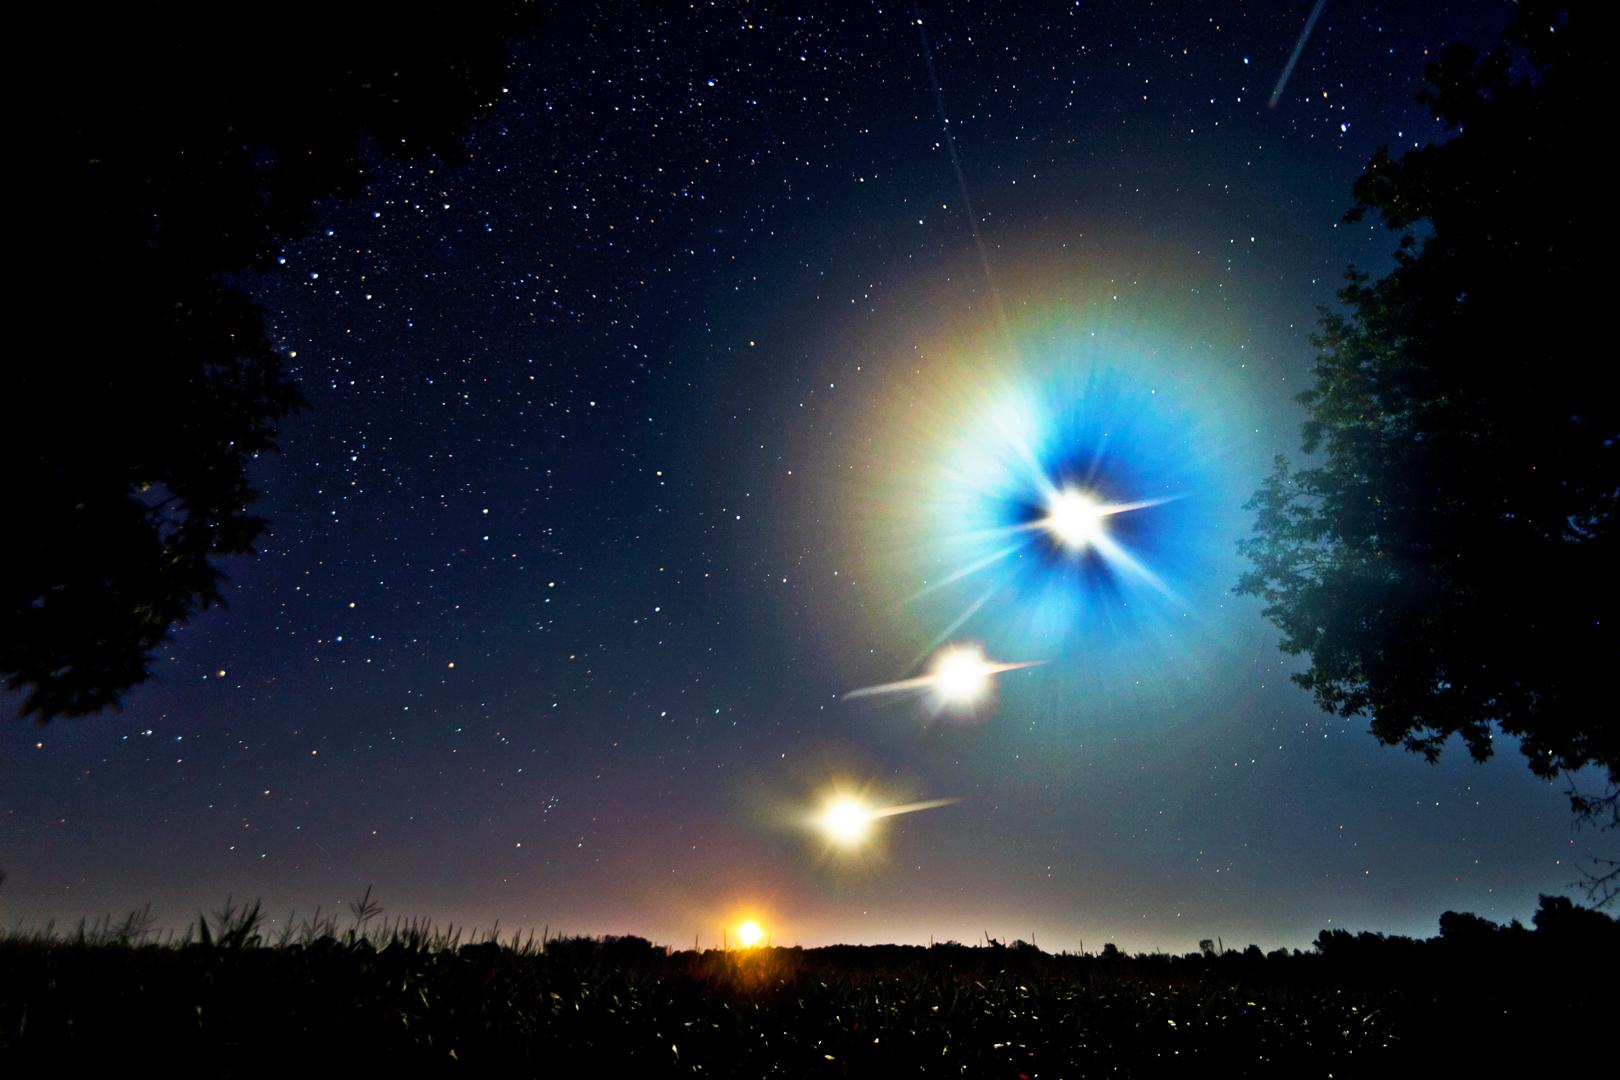 охотника показал звезды картинка принципе, восторга кого